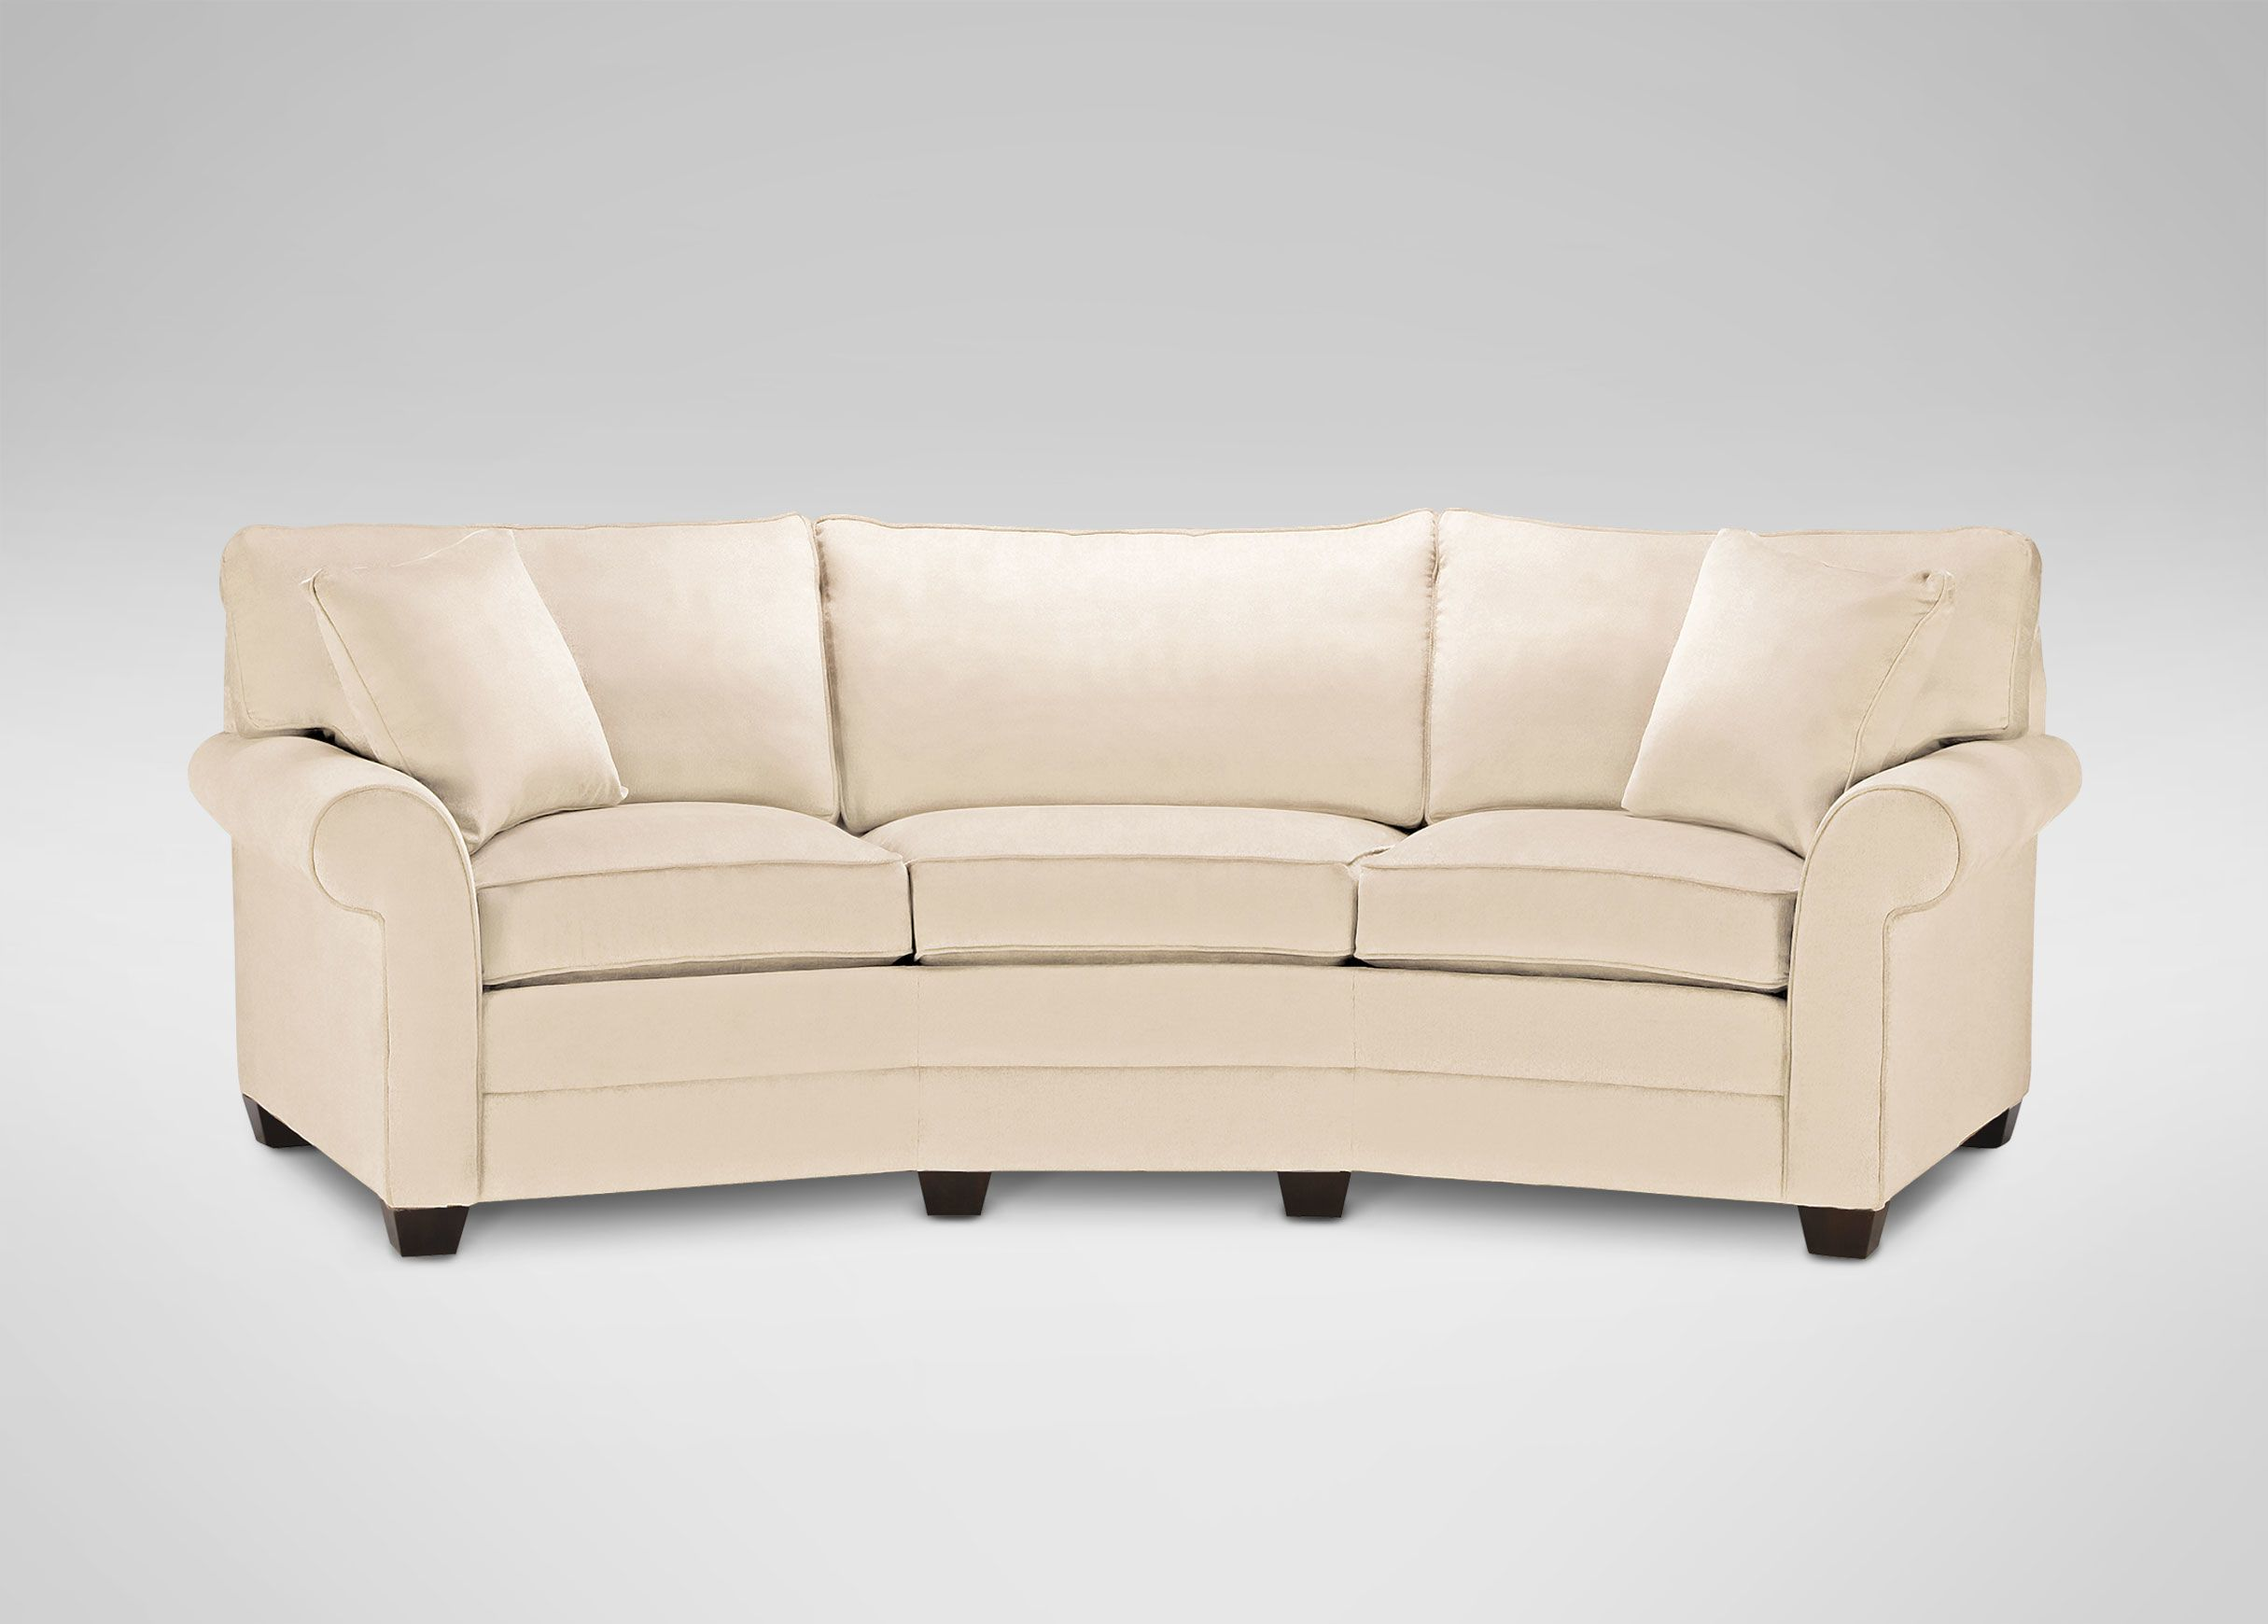 Conversational Sofa Cover Normann Copenhagen Swell Conversation Ethan Allen Bennett Roll Arm Http